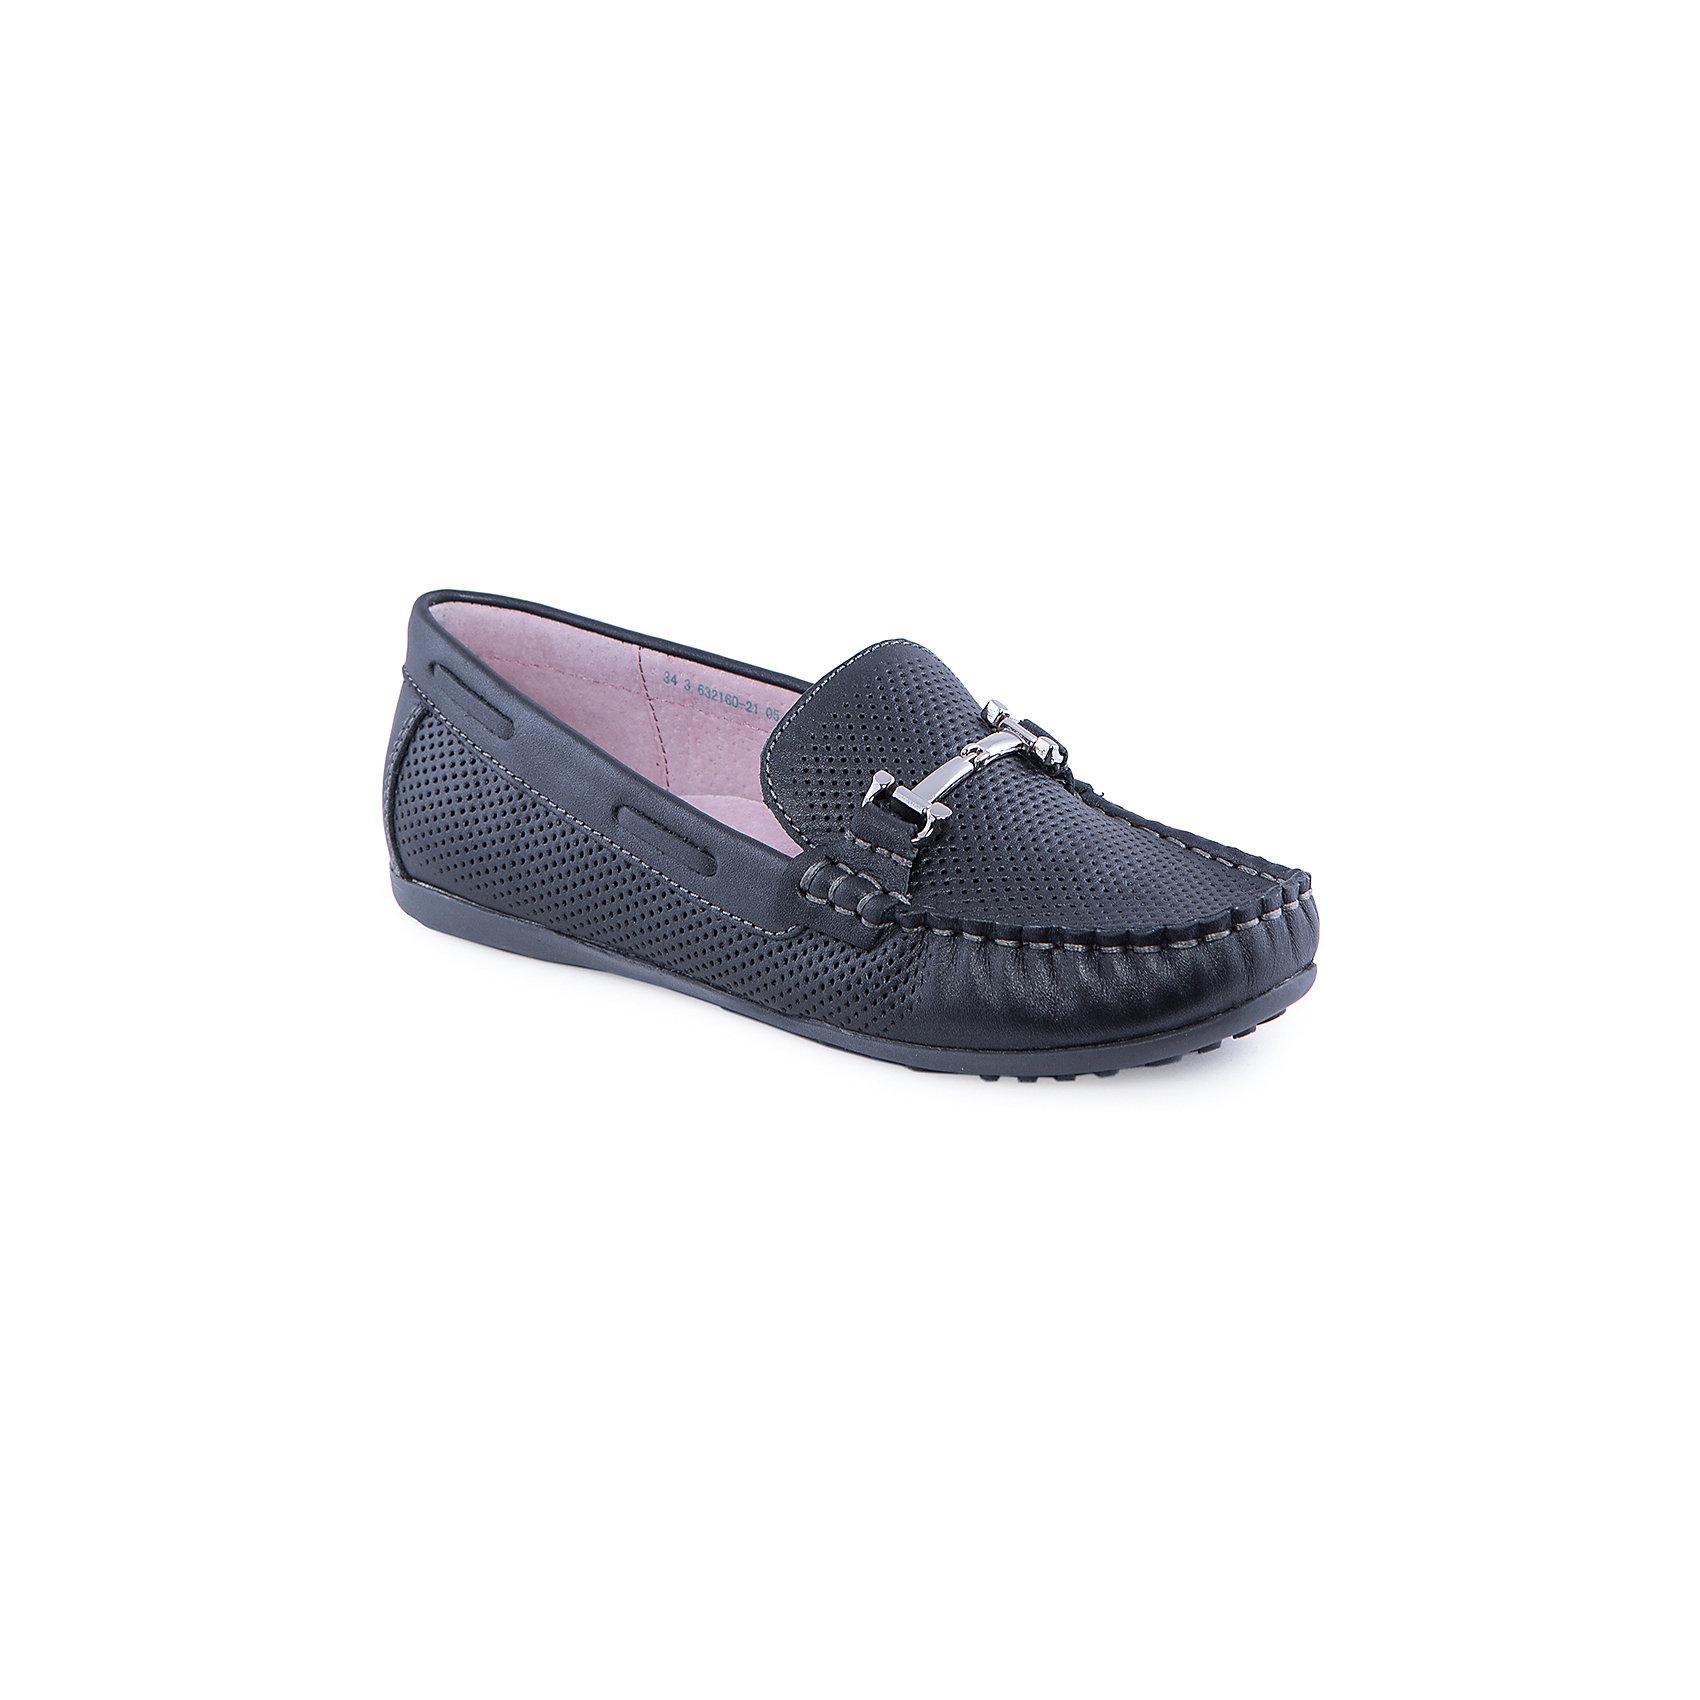 Мокасины для девочки КотофейОбувь<br>Мокасины от популярной марки Котофей.<br>Модные кожаные мокасины станут удобной универсальной обувью для школы. Благодаря оригинальной серебристой пряжке они смотрятся нарядно и стильно.<br>Их отличительные особенности:<br>- классическая форма;<br>- универсальный черный цвет;<br>- комфортная колодка;<br>- устойчивая подошва;<br>- позволяют коже ног дышать;<br>- материал – качественная натуральная кожа.<br>Дополнительная информация:<br>- Температурный режим: от + 10° С  до + 25° С.<br>- Состав:<br>материал верха: натуральная кожа<br>материал подкладки: натуральная кожа<br>подошва: ТЭП.<br>Мокасины Котофей можно купить в нашем магазине.<br><br>Ширина мм: 227<br>Глубина мм: 145<br>Высота мм: 124<br>Вес г: 325<br>Цвет: черный<br>Возраст от месяцев: 144<br>Возраст до месяцев: 156<br>Пол: Женский<br>Возраст: Детский<br>Размер: 36,32,34,37,35,33<br>SKU: 4206839